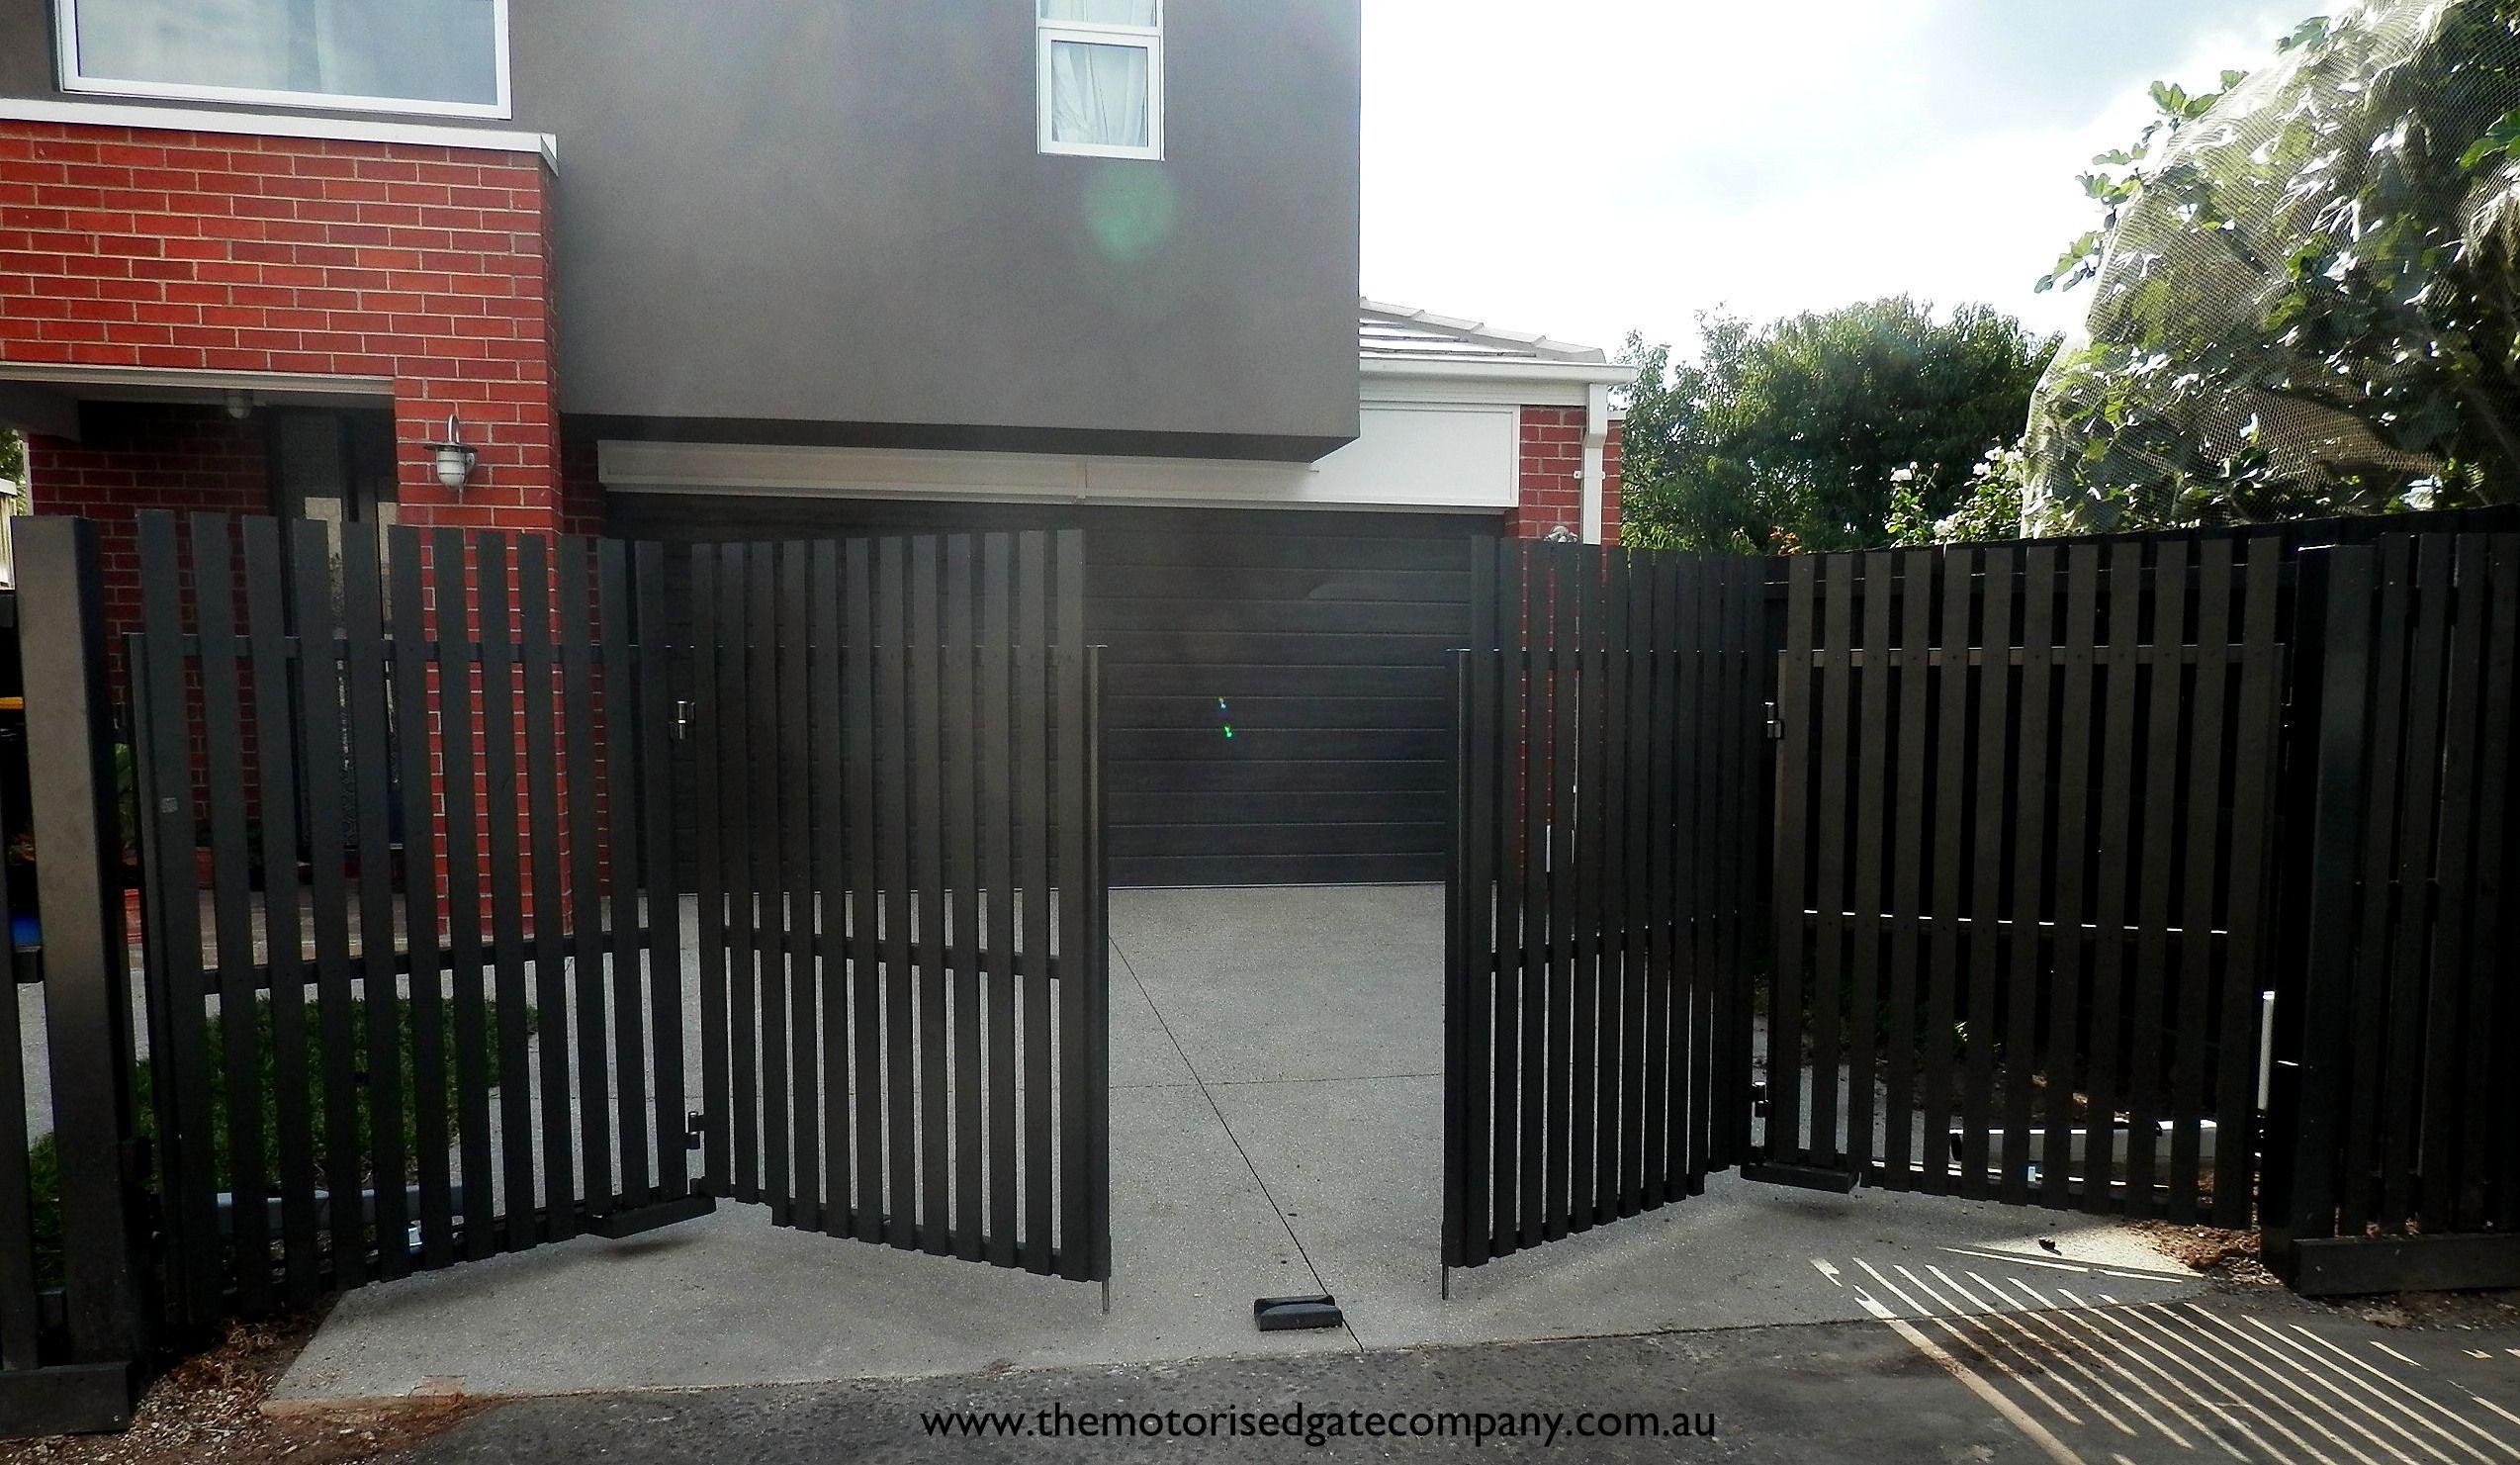 No 26 Tmgc Automatic Trackless Bi Fold Gates Timber Picket Monument Grey Faac Gate Operators Www Themotoris Automatic Gate Driveway Gate Sliding Gate